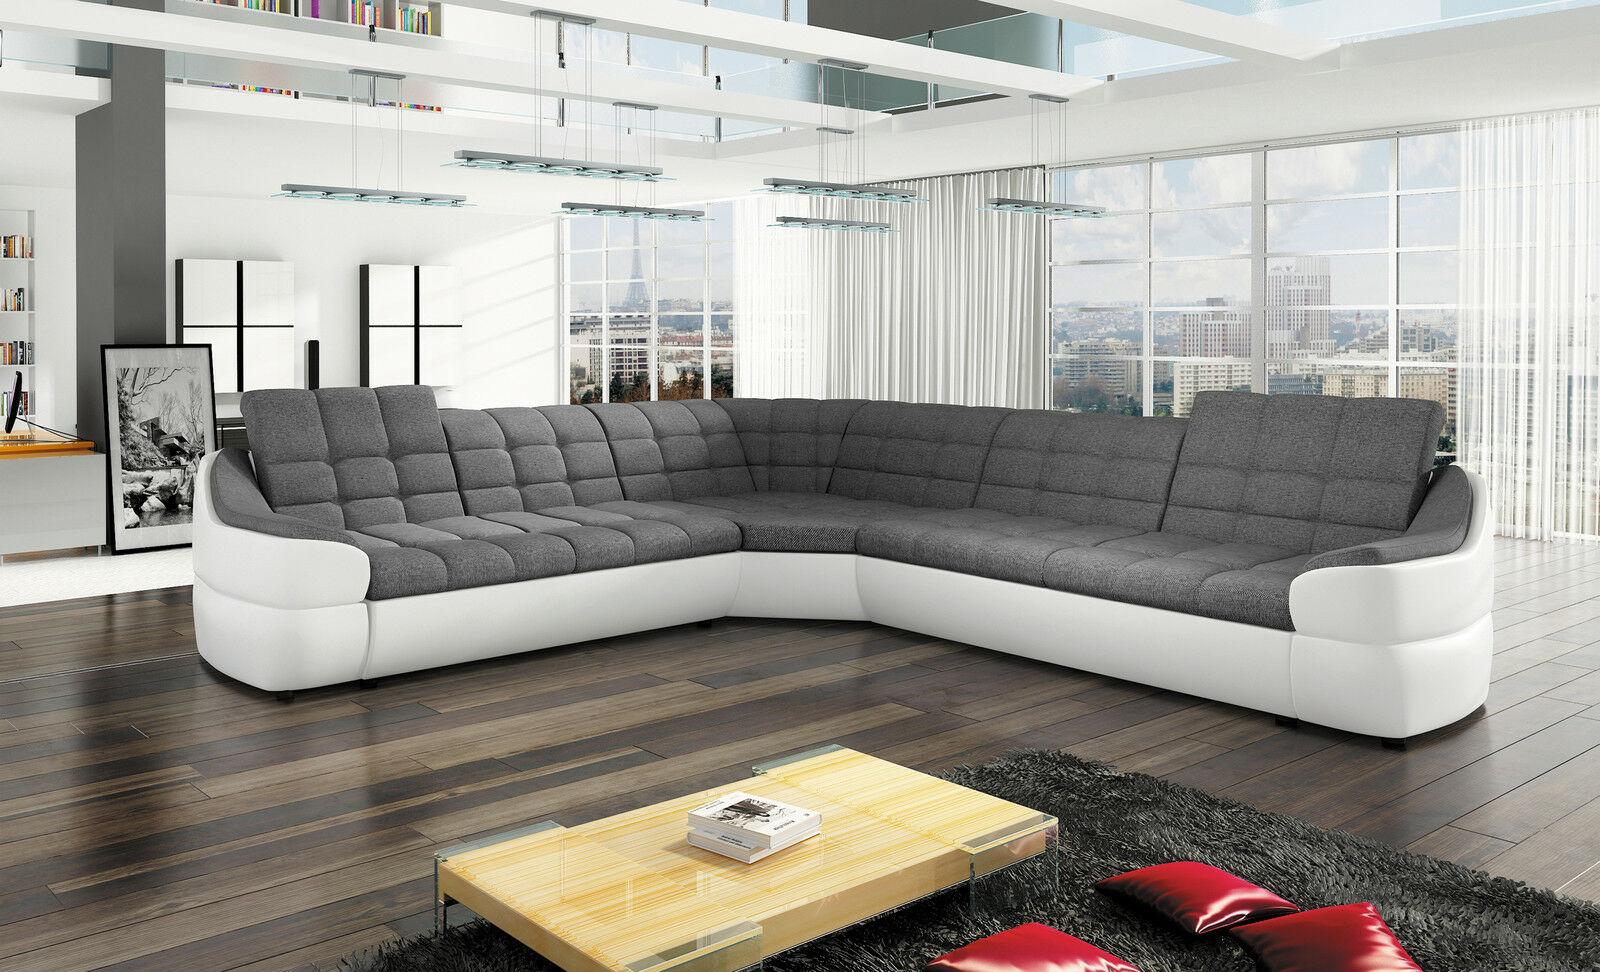 Couchgarnitur Infinity L Sofa Wohnlandschaft Couch Polsterecke